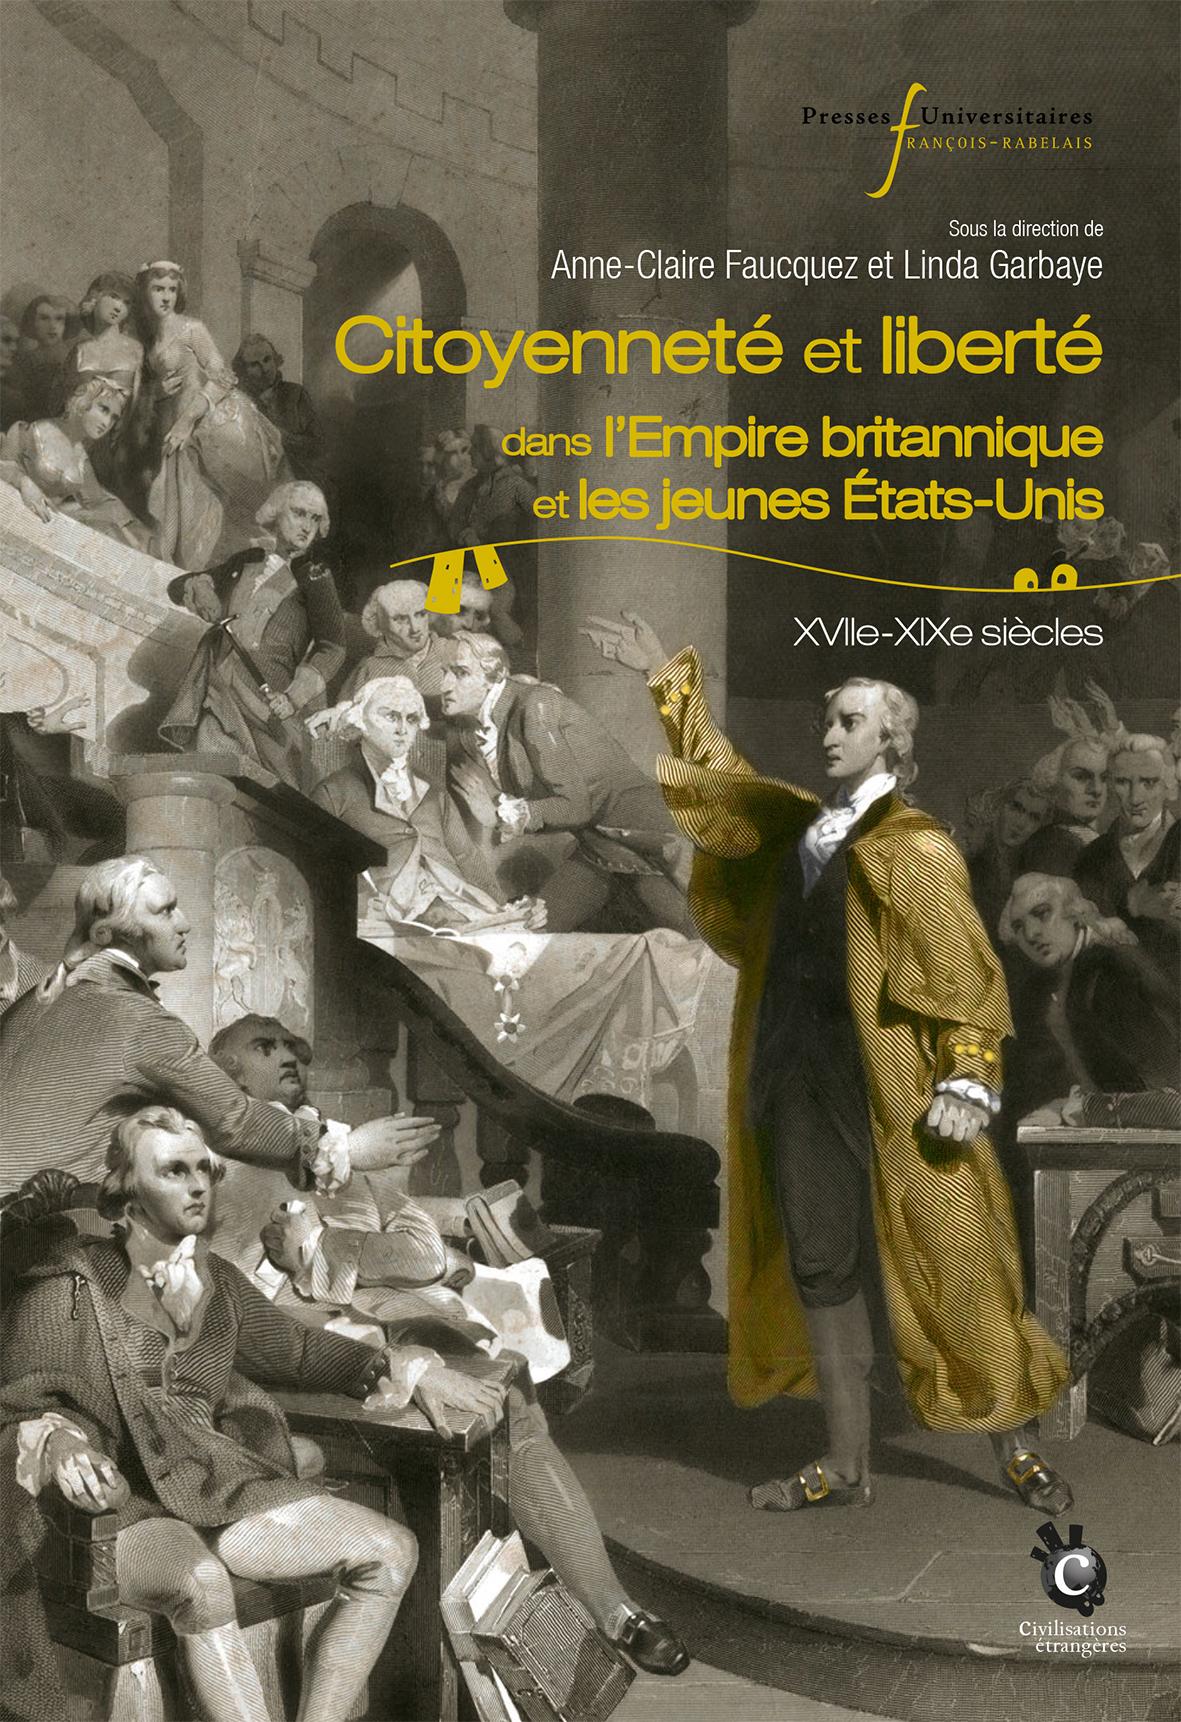 Citoyenneté et liberté